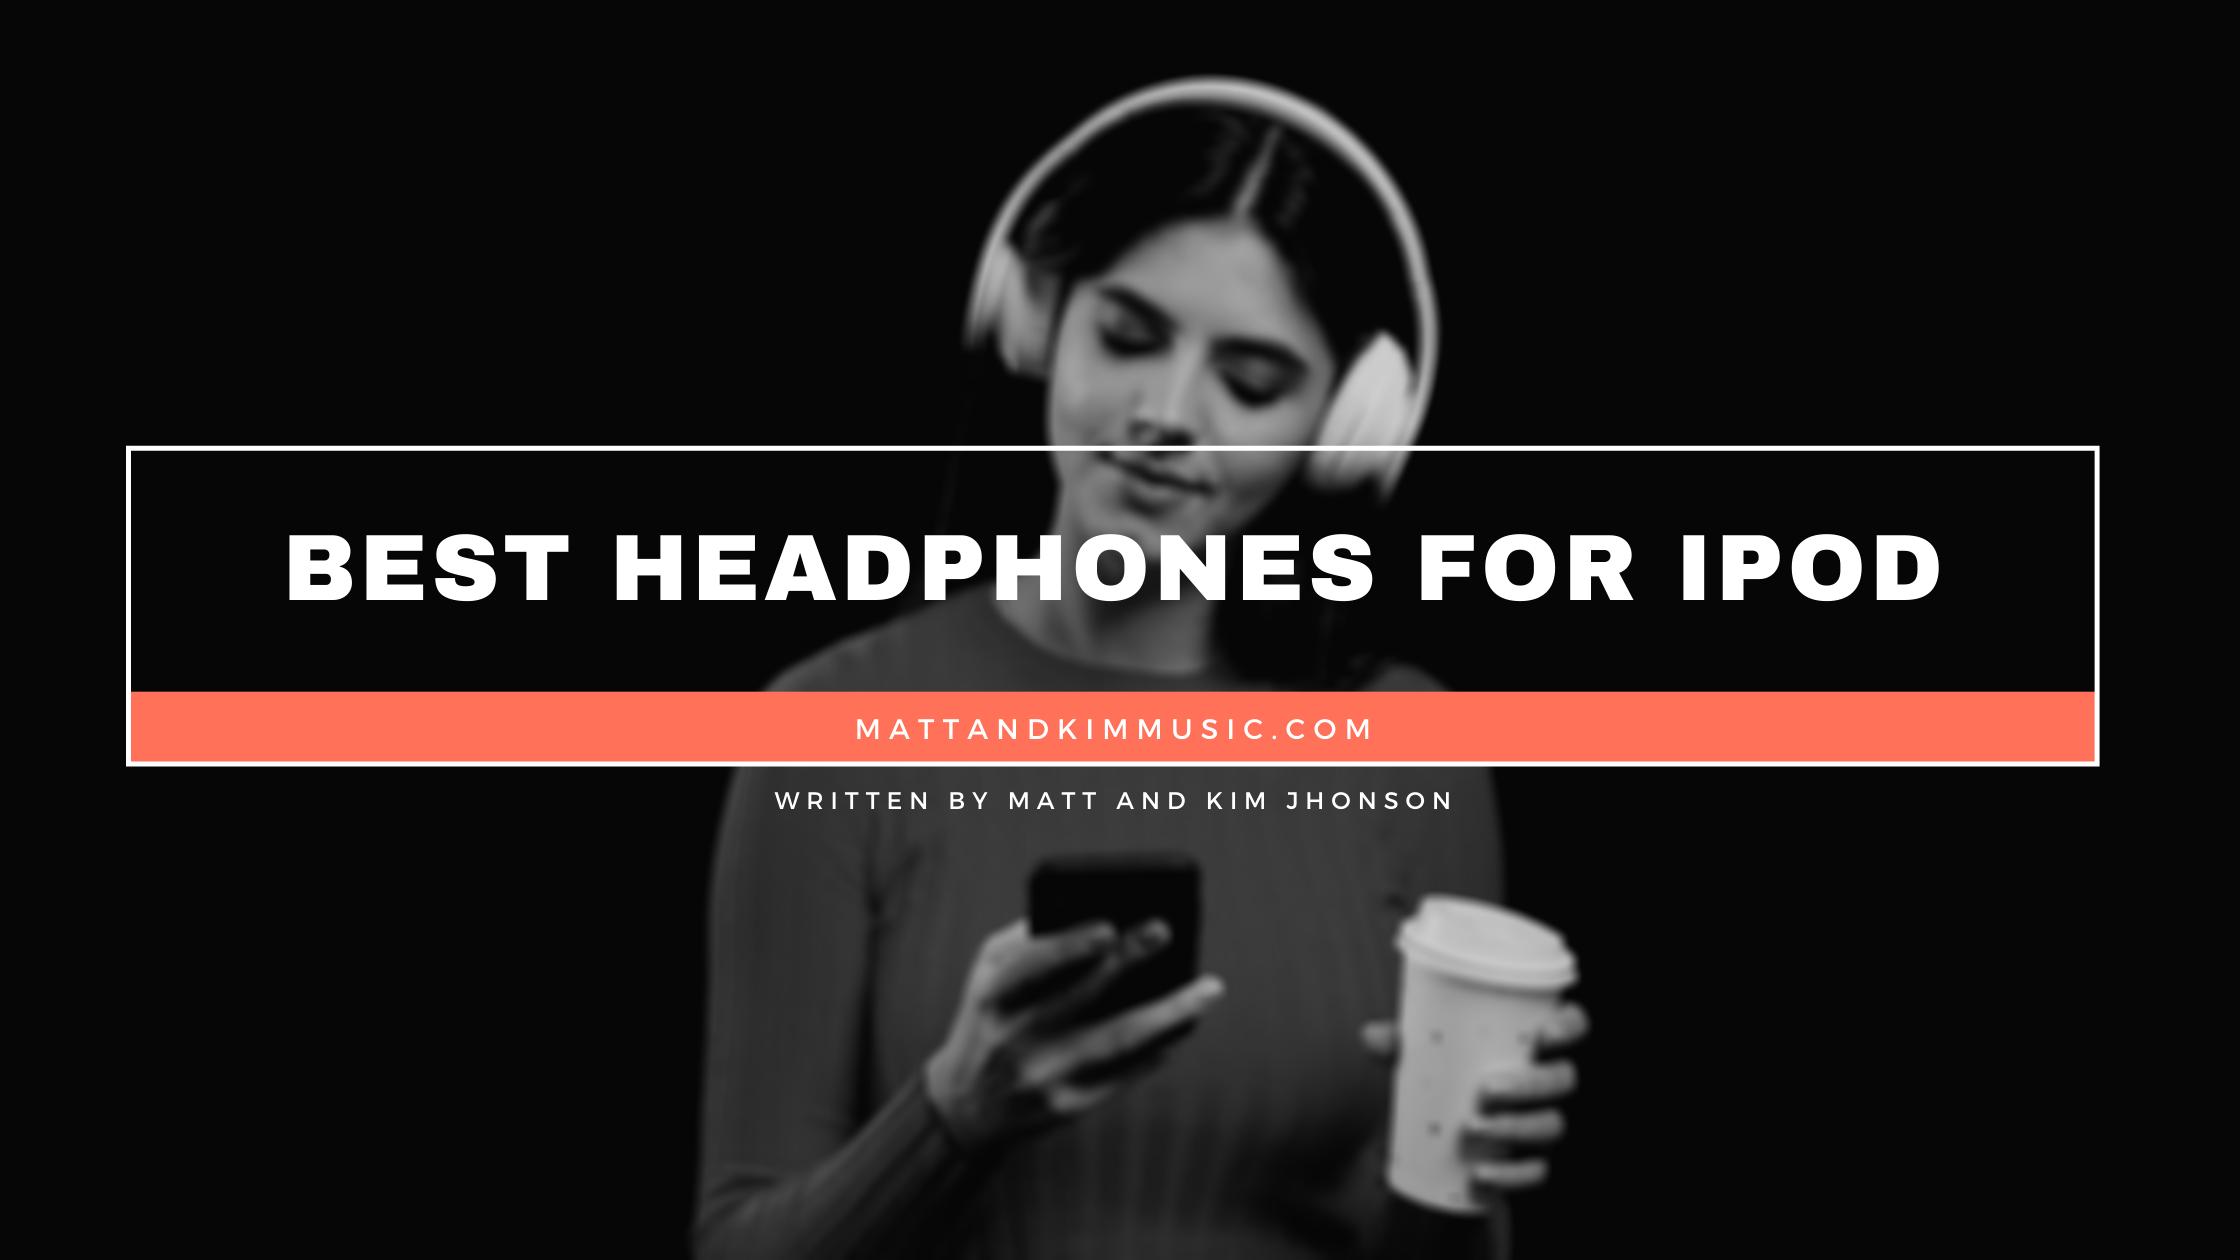 Best Headphones For iPod